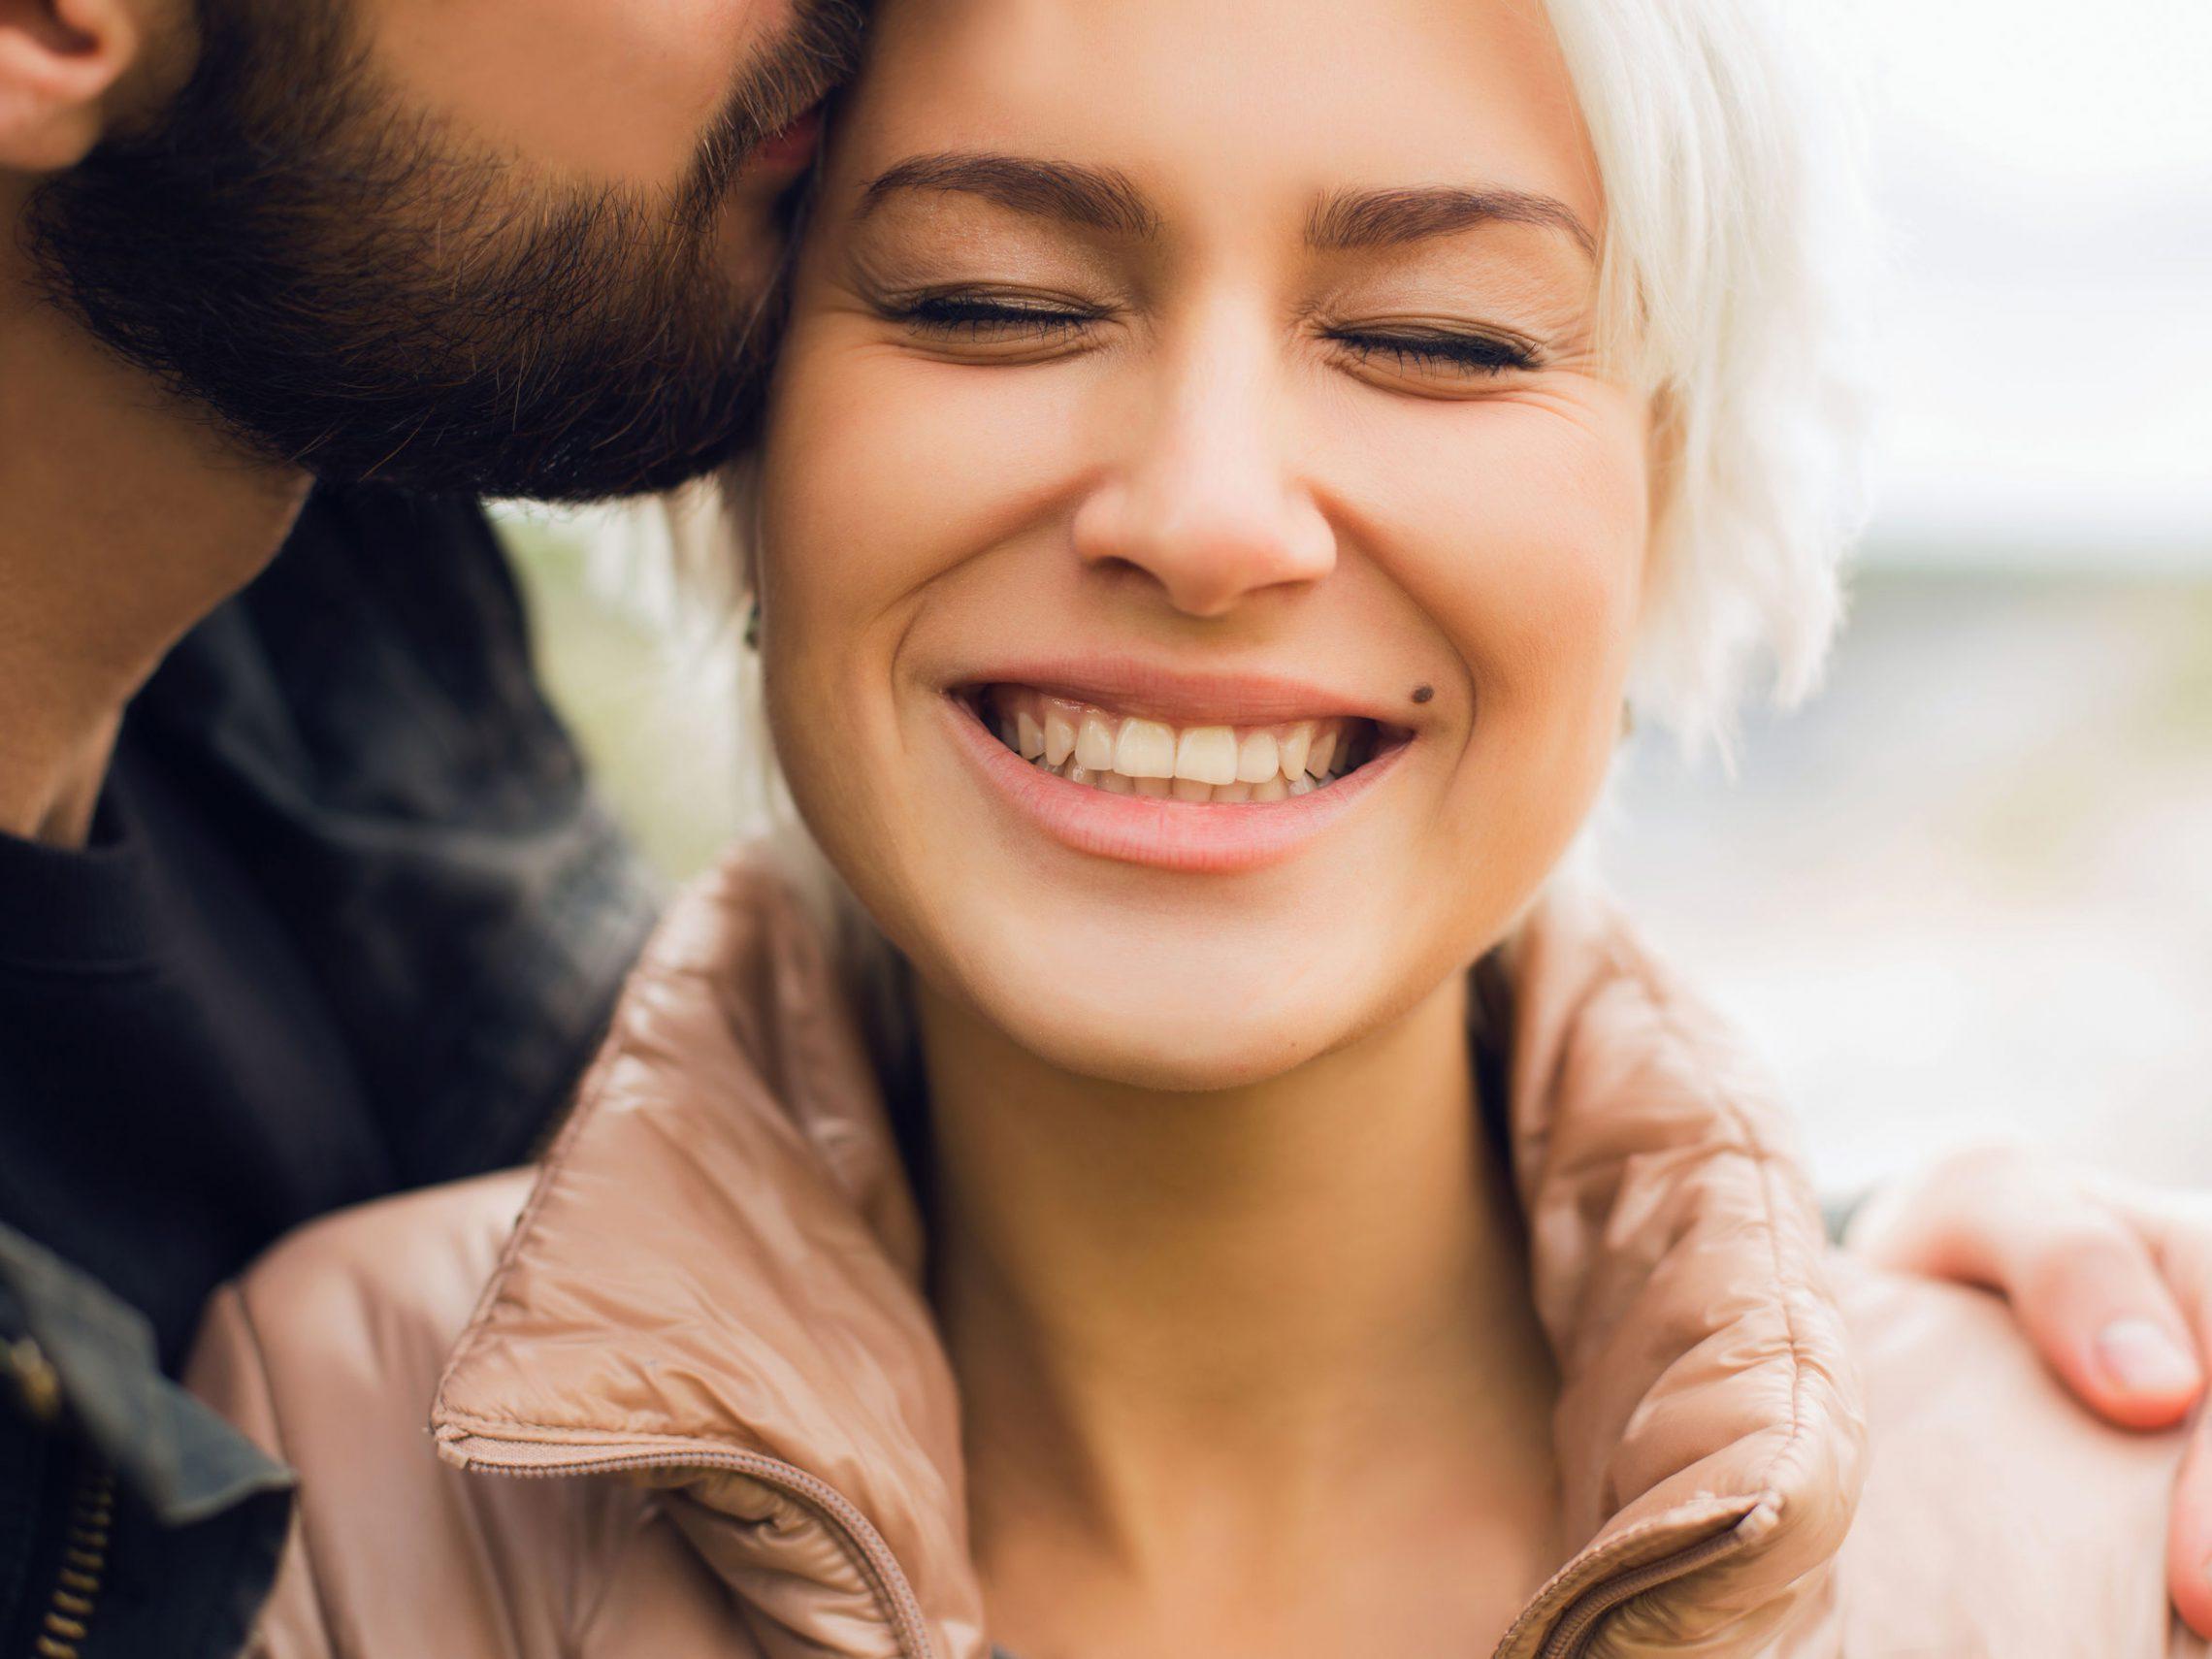 Jaka cecha czyni mężczyzn atrakcyjnymi?